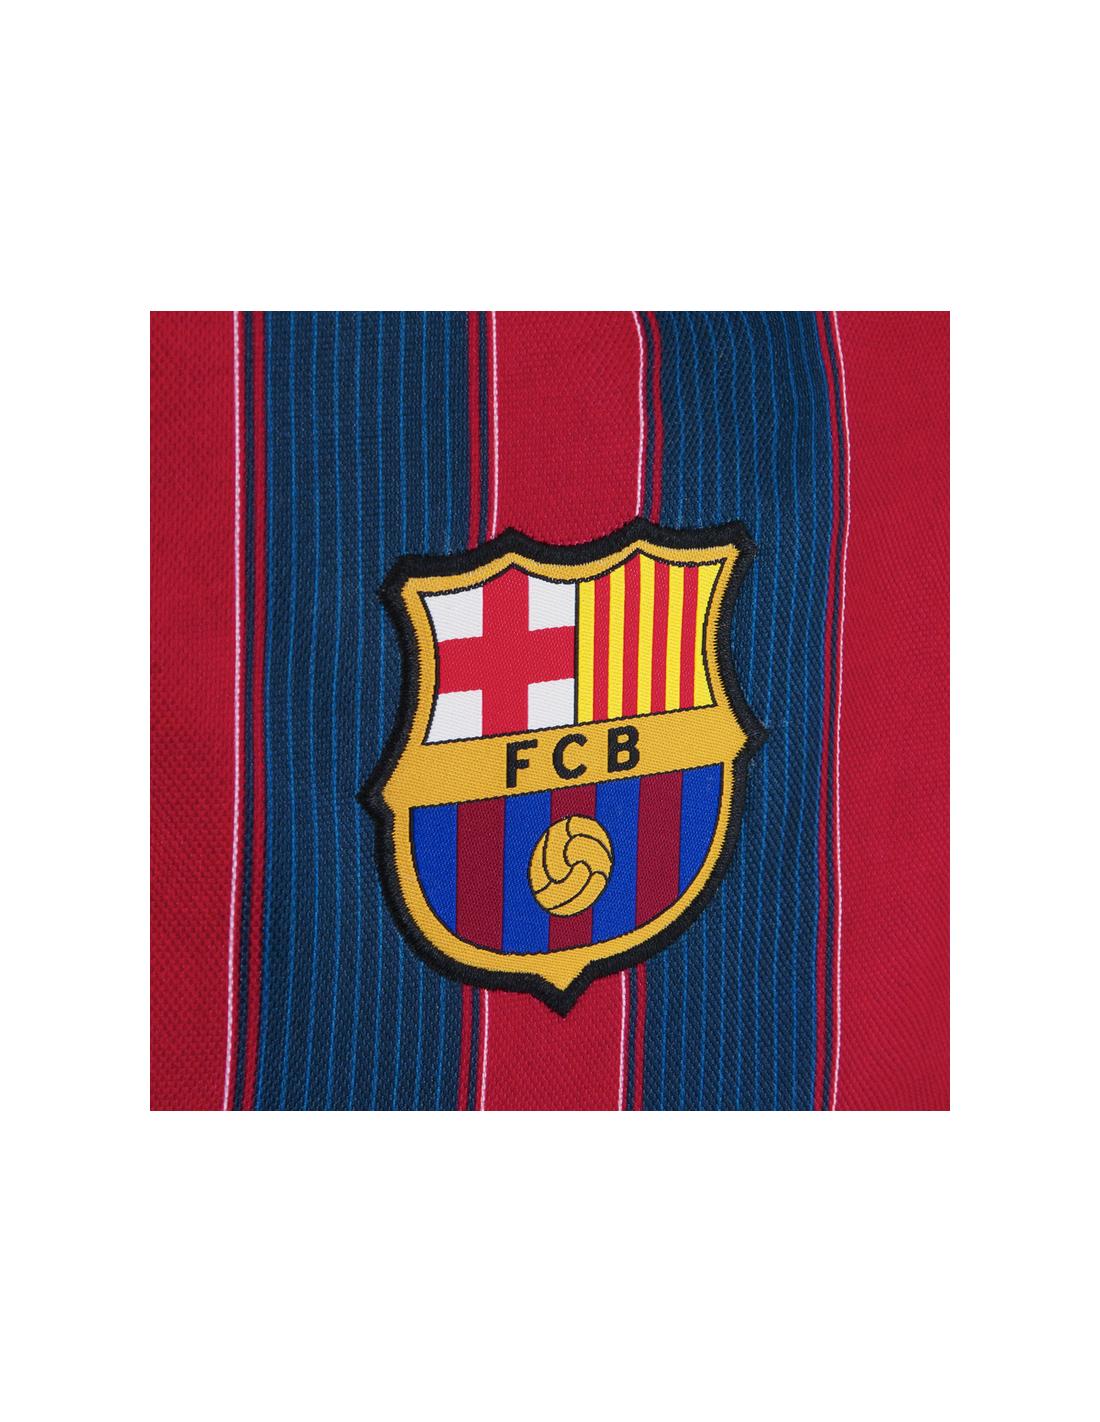 cd47688c45 Barcelona stripe 16 tříkomorový studentský batoh. Next